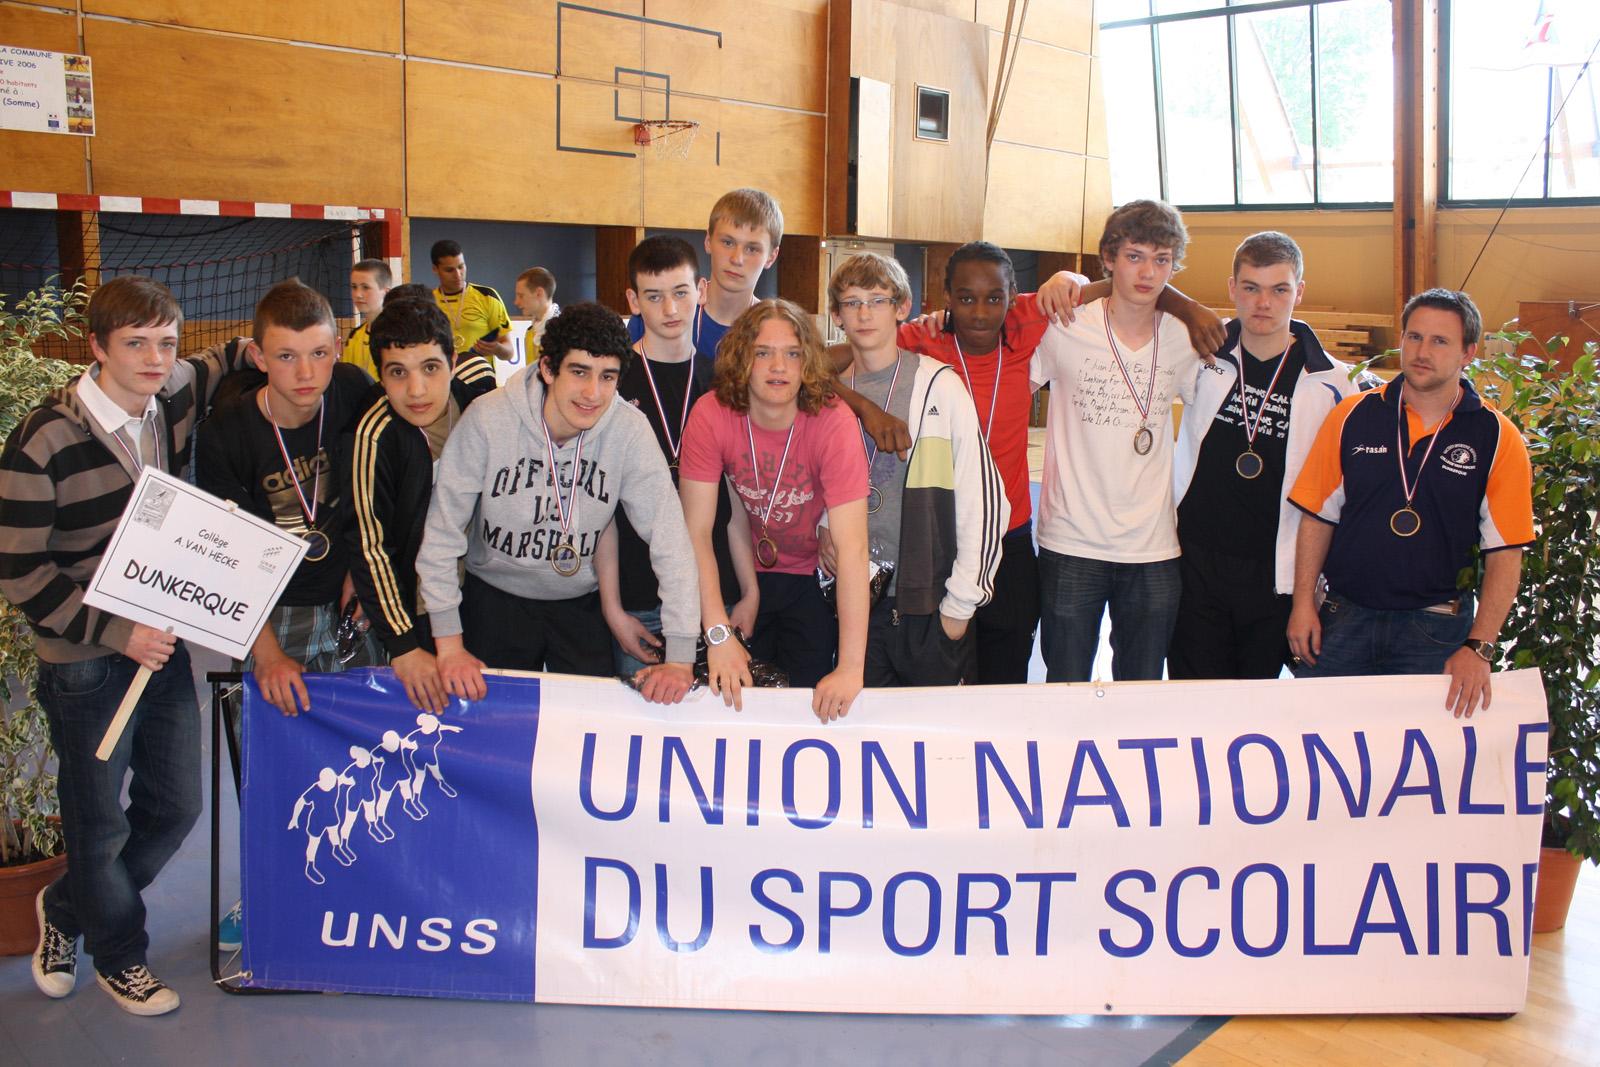 Le collège Van hecke médaille de bronze aux France de Handball excellence